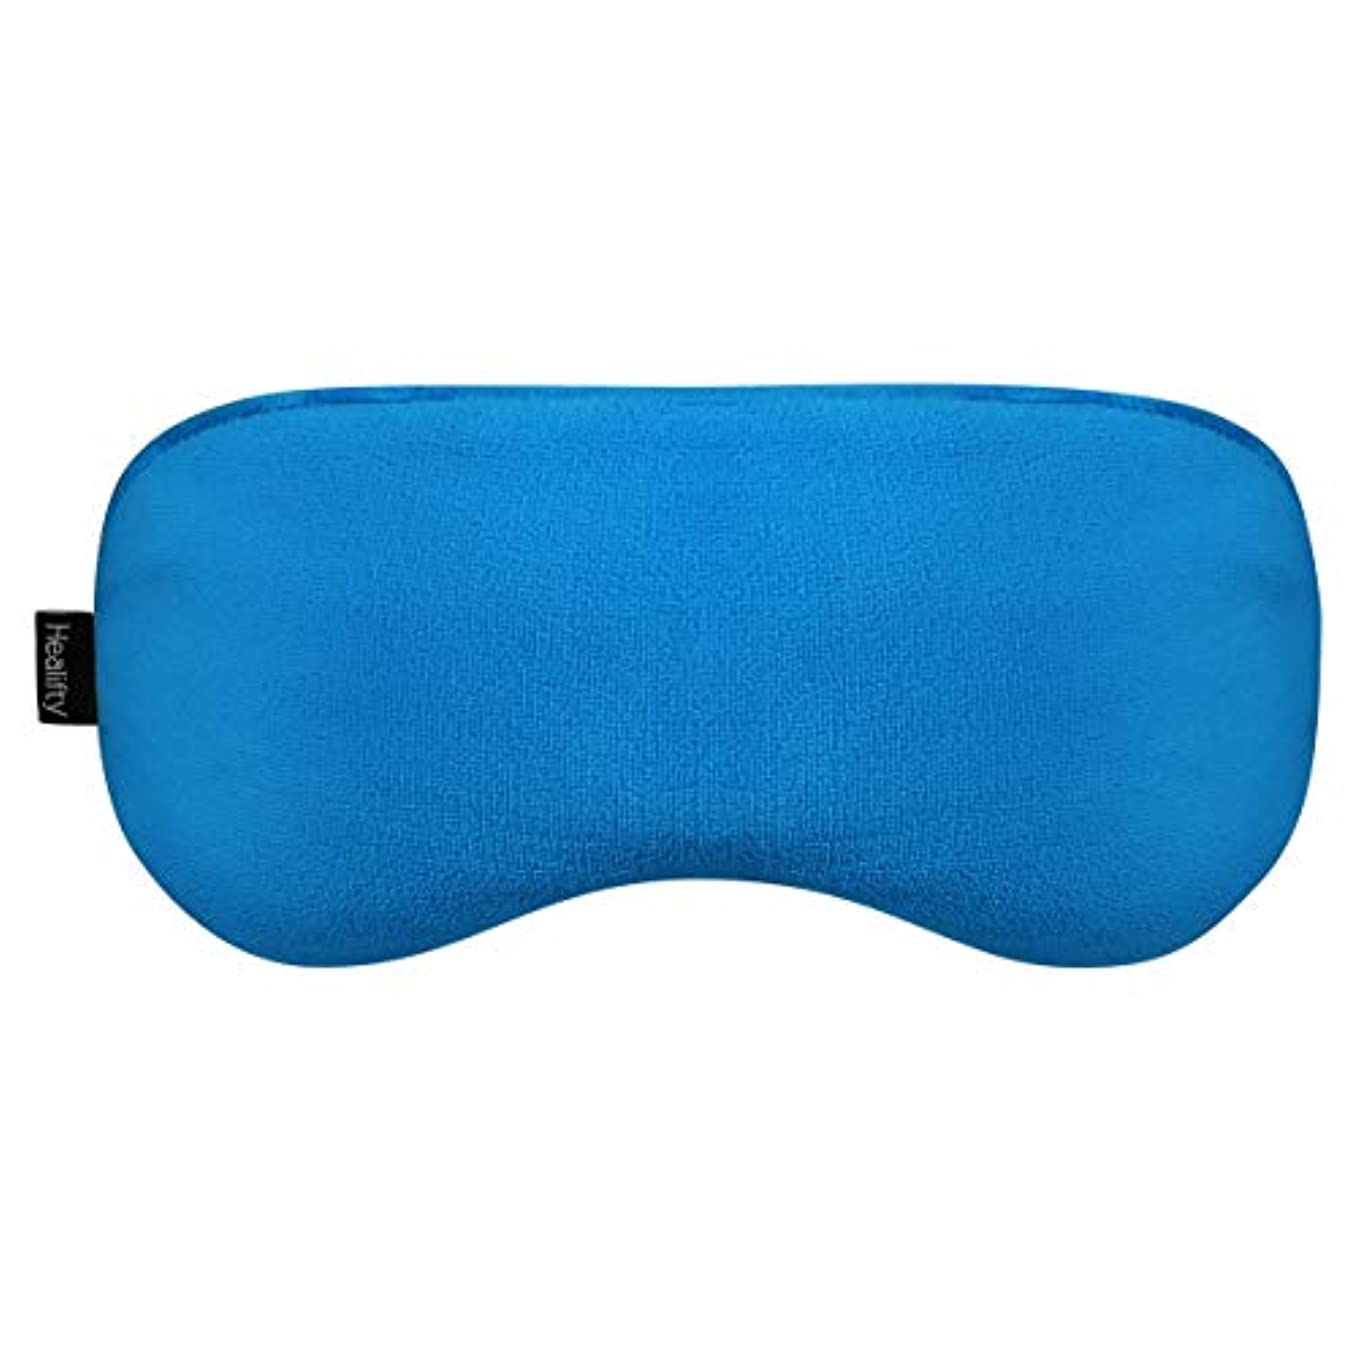 北へひねくれたポイントSUPVOX ホーム旅行のための温かいアイマスクポータブル睡眠マスクマッサージヘルスケア(青)